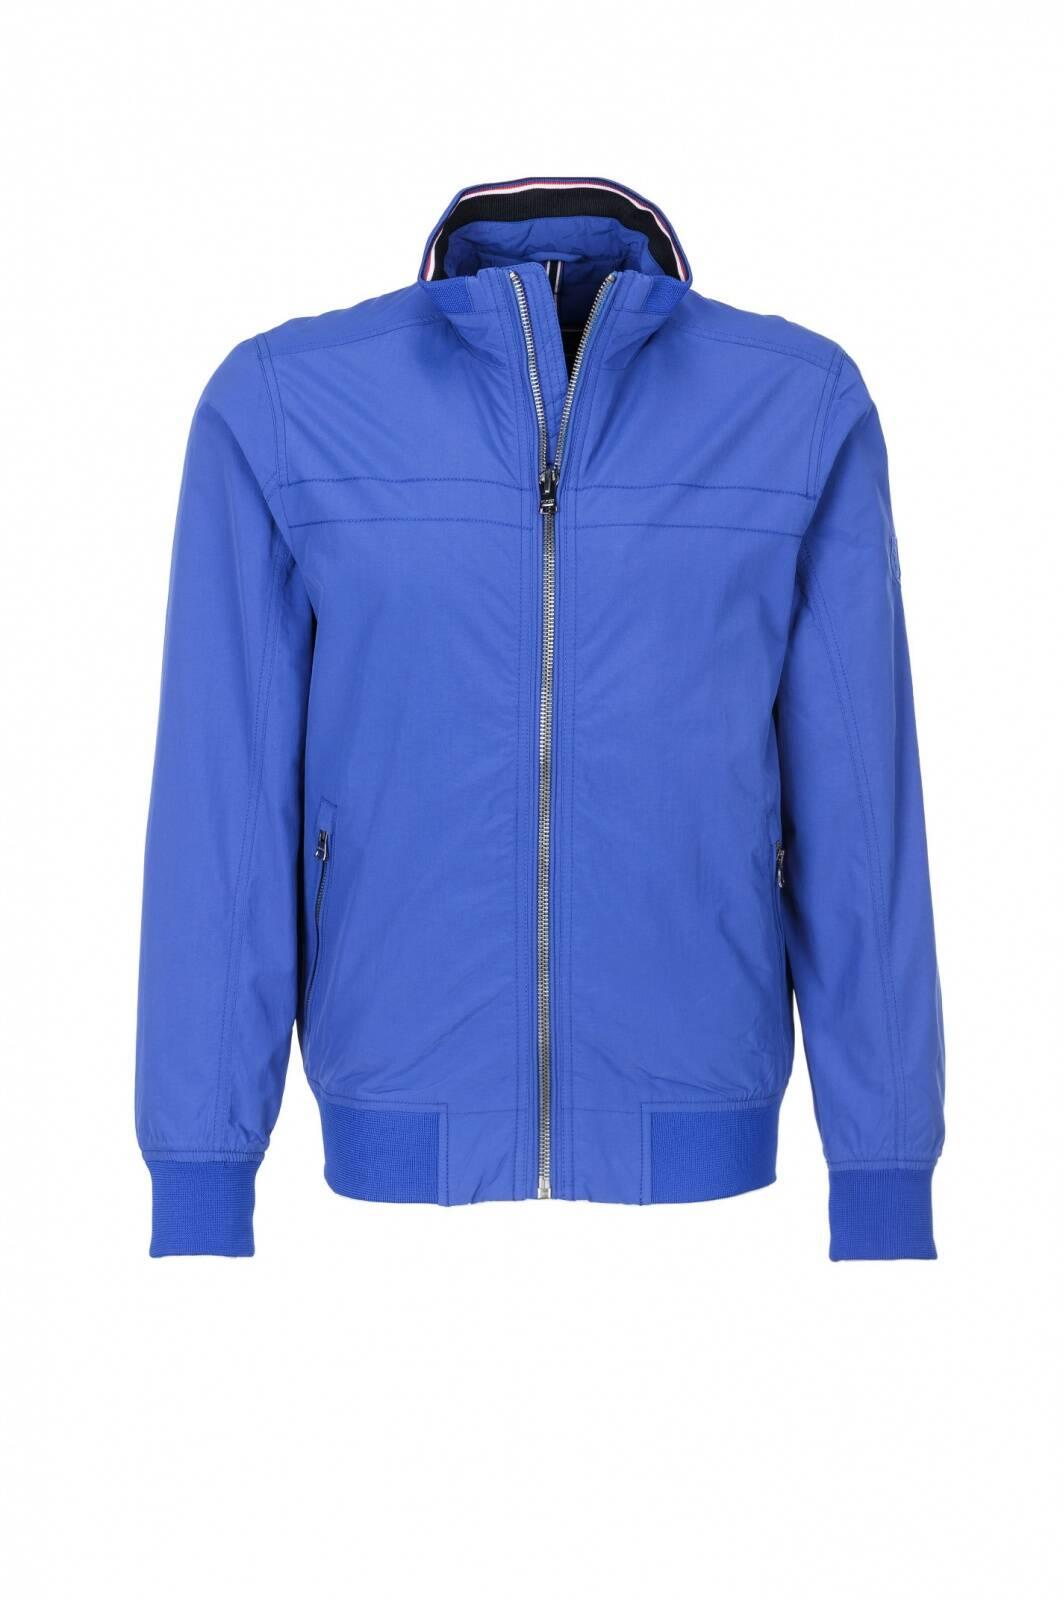 bobby jacket tommy hilfiger blue coats and jackets. Black Bedroom Furniture Sets. Home Design Ideas